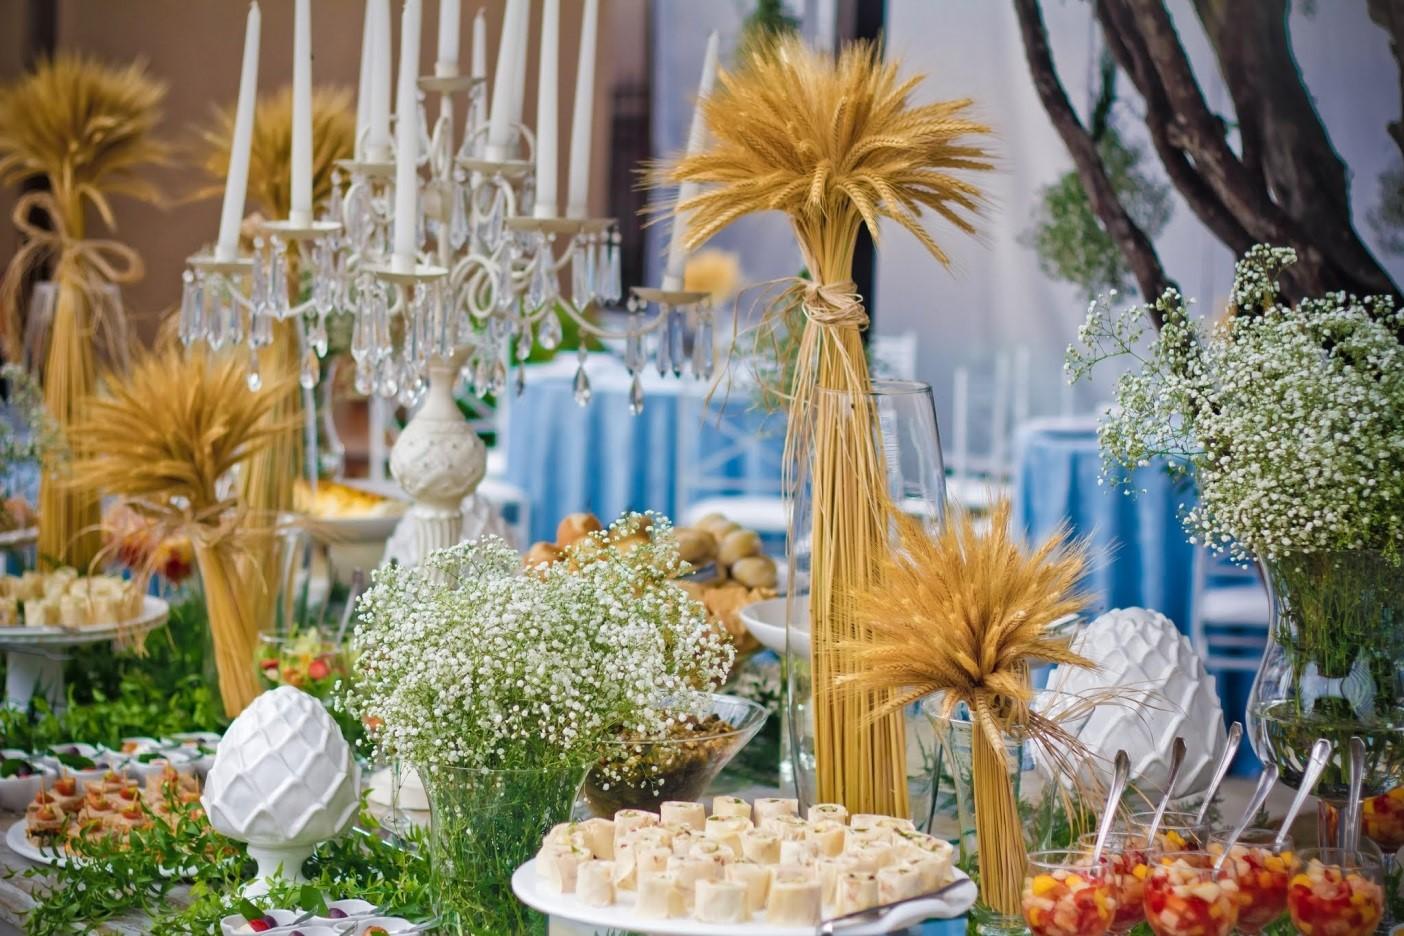 Arranjos de trigo decoraram a mesa do buffet e a cerimônia